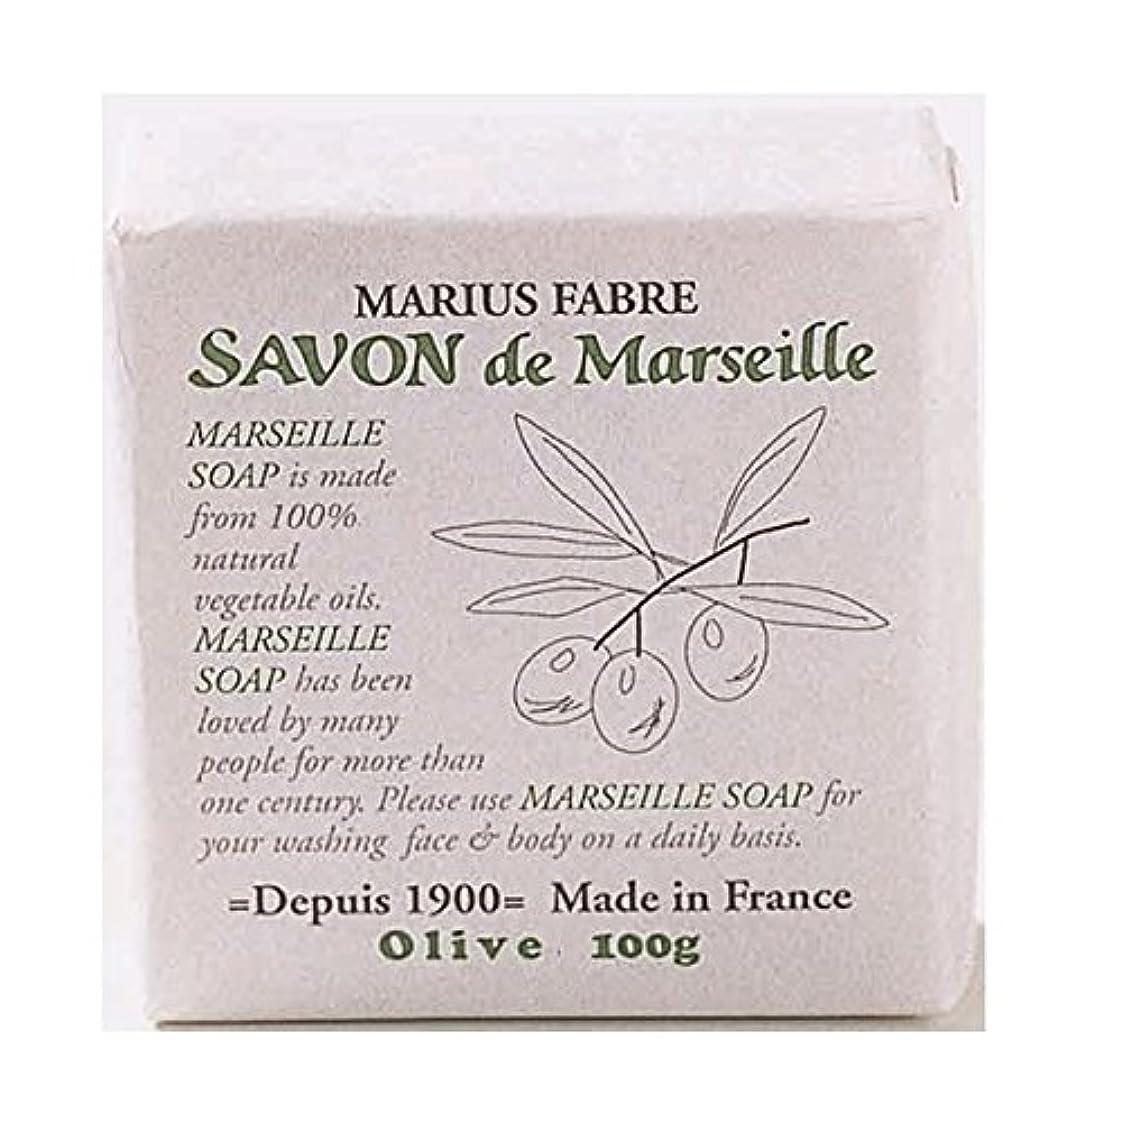 防ぐ慢連鎖サボンドマルセイユ 無香料 オリーブ石鹸 100g 6個セット マリウスファーブル